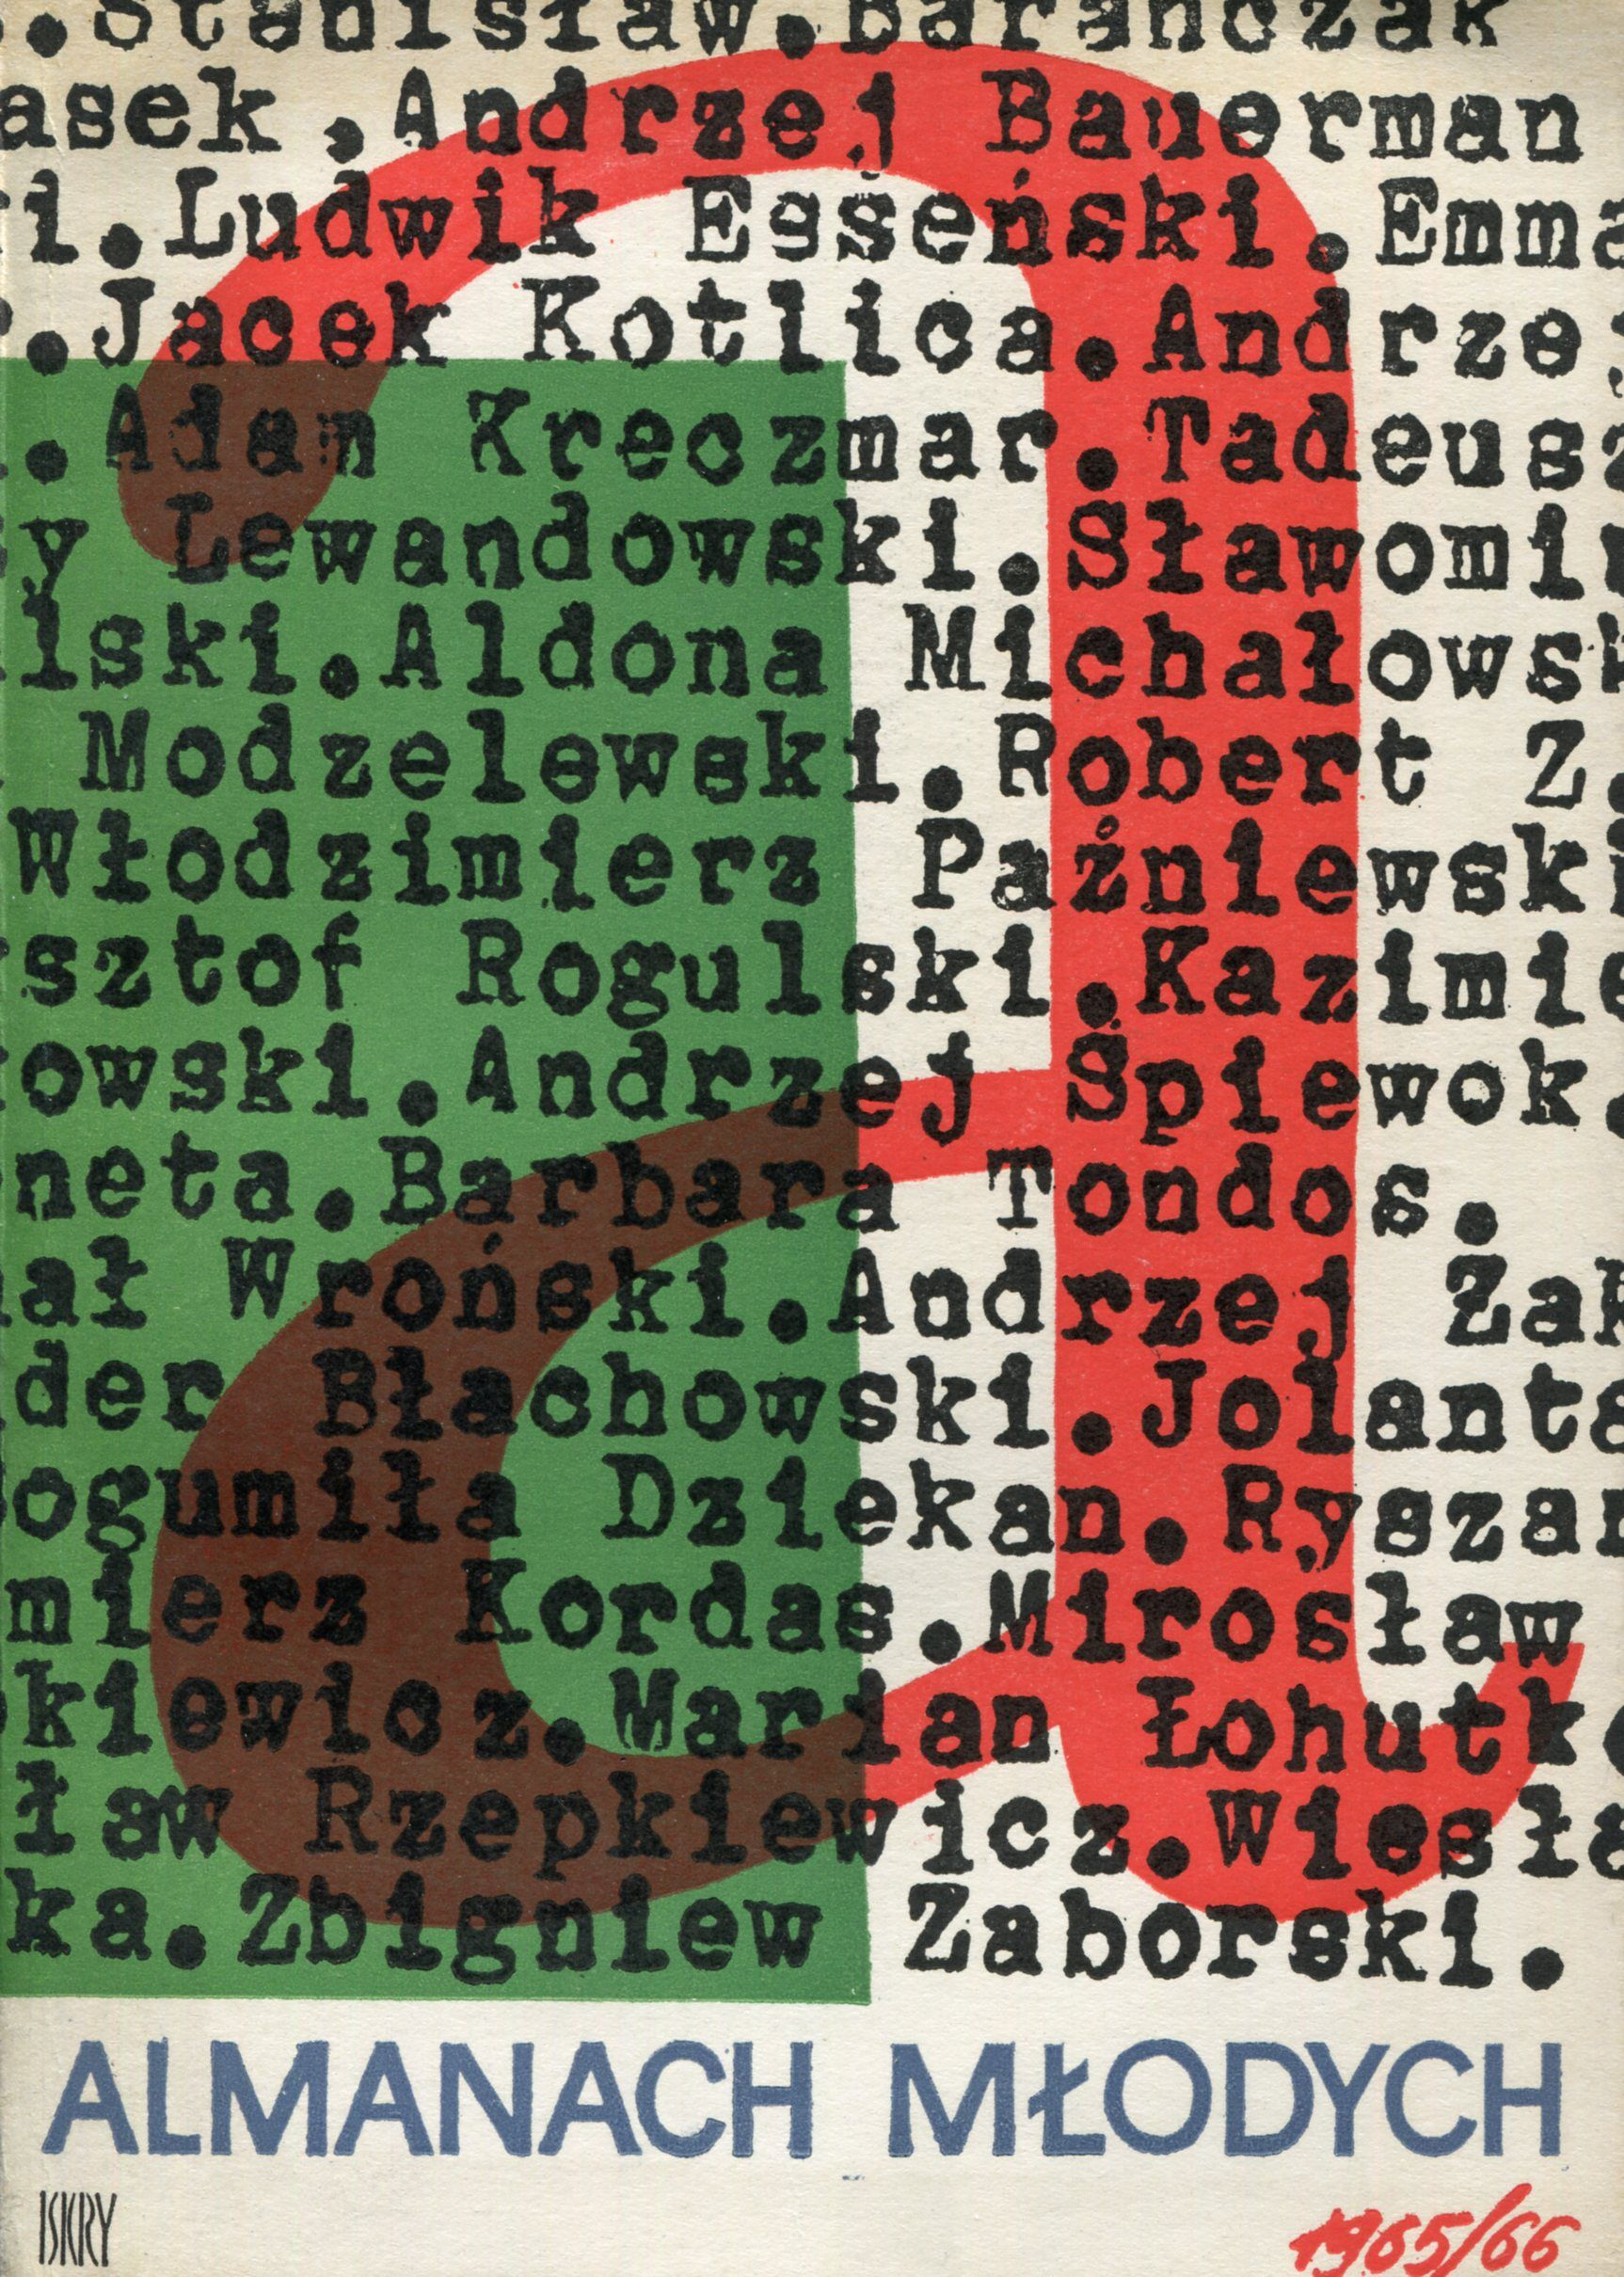 """""""Almanach młodych"""" Edited by Tadeusz Konwicki and Artur Międzyrzecki Cover by Jerzy Jaworowski Published by Wydawnictwo Iskry 1966"""